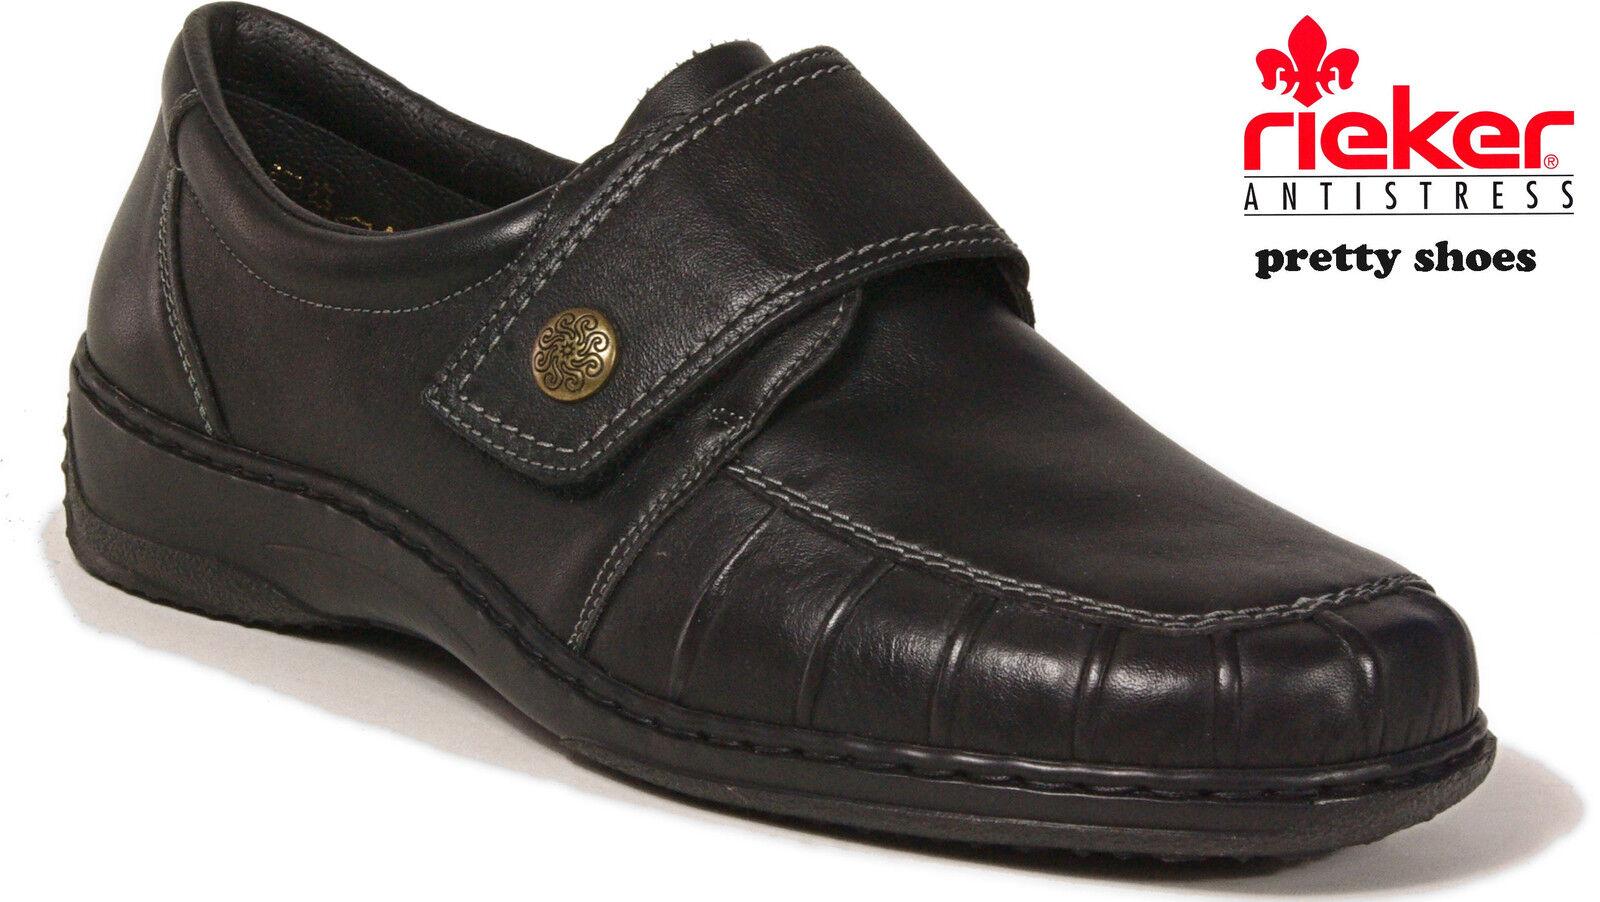 billige Verkaufsstelle online Schuhe RIEKER Halbschuhe